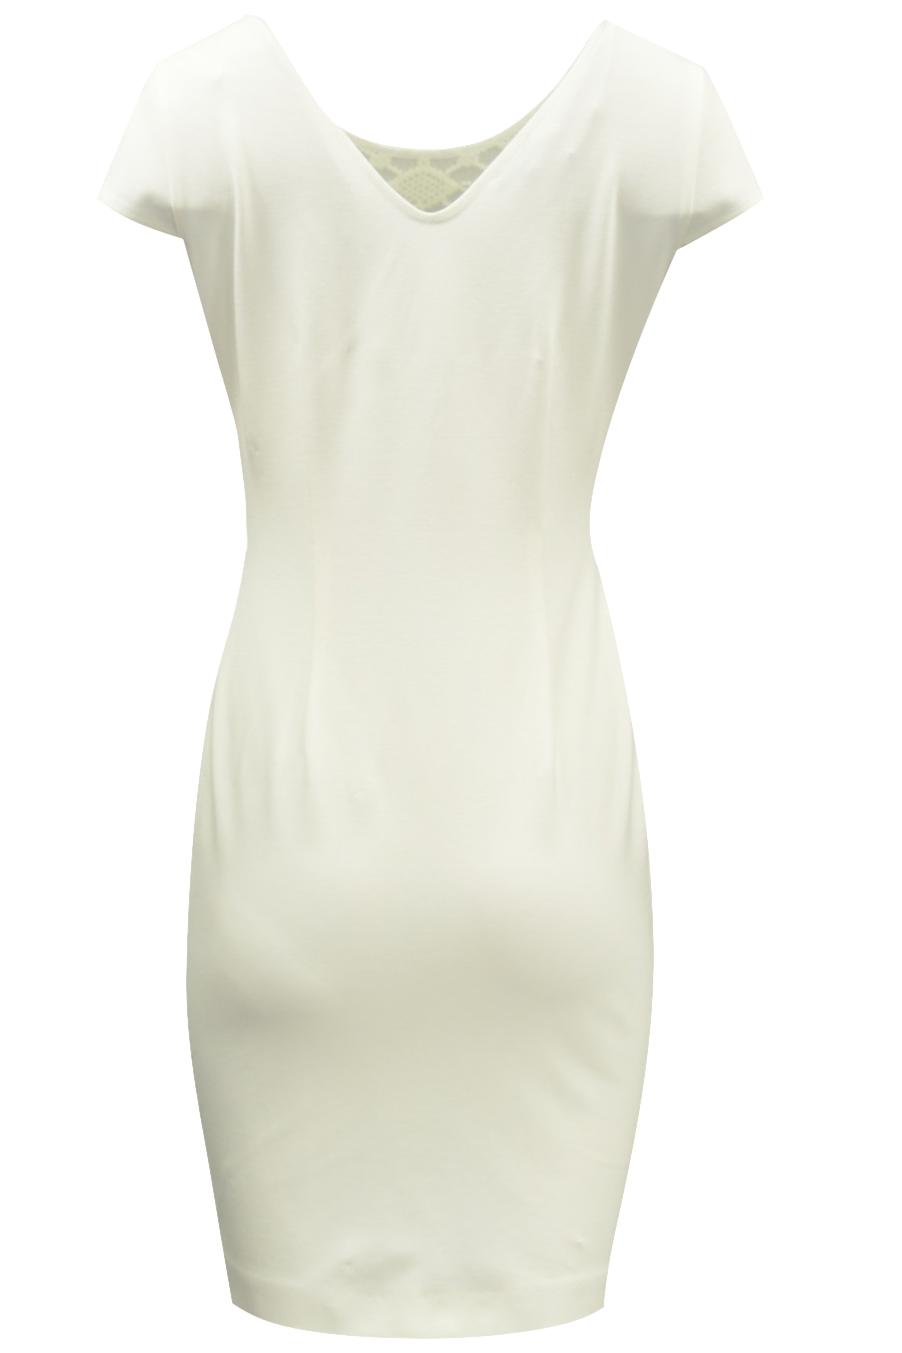 790d1138b9 Elegancka kremowa sukienka na wesele 42 jak 40 - 7356804496 ...